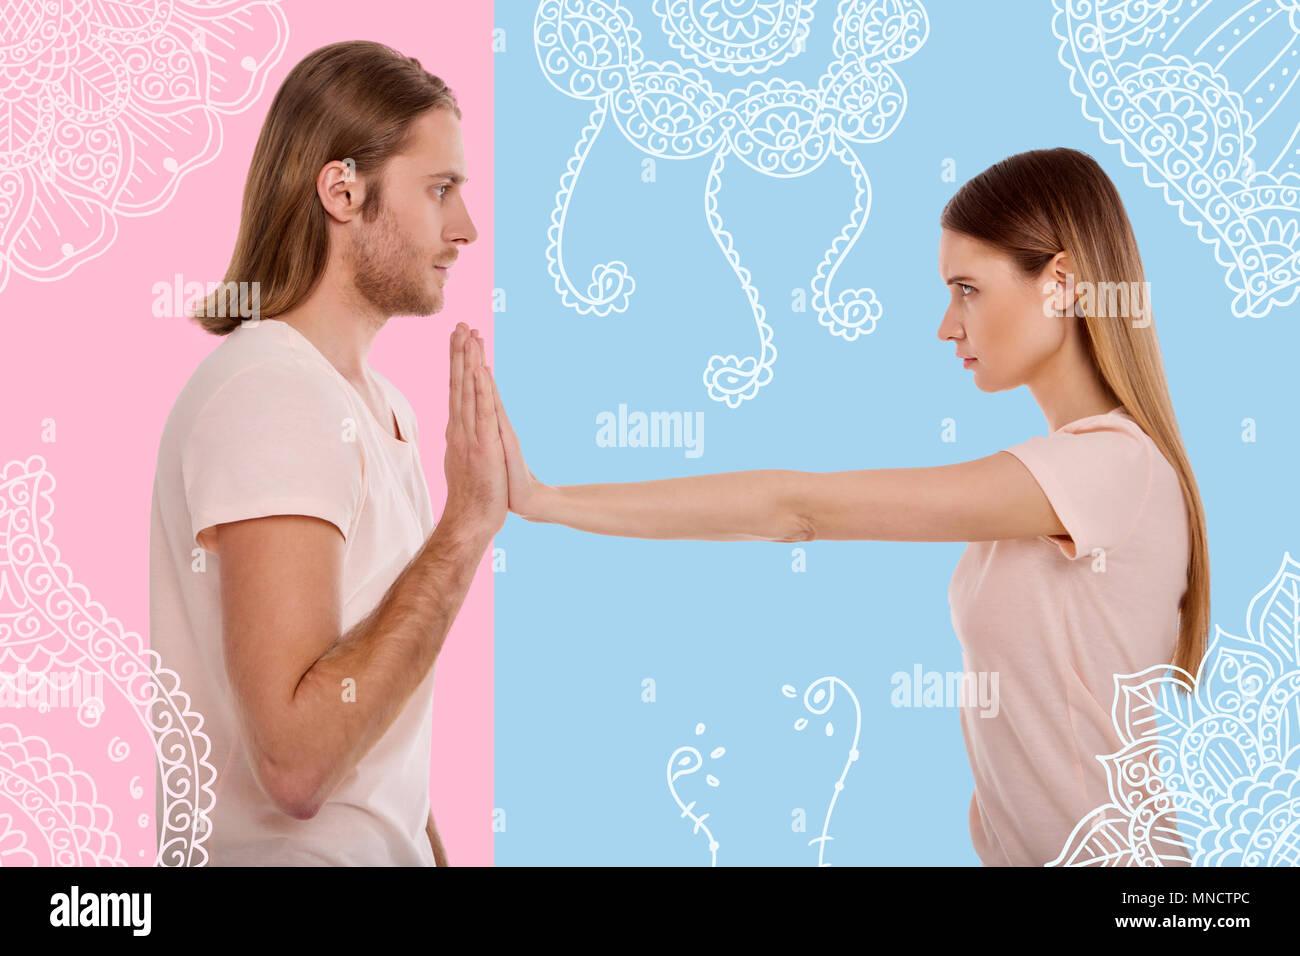 Nervöse junge Mädchen ihren Freund im Abstand halten Stockbild